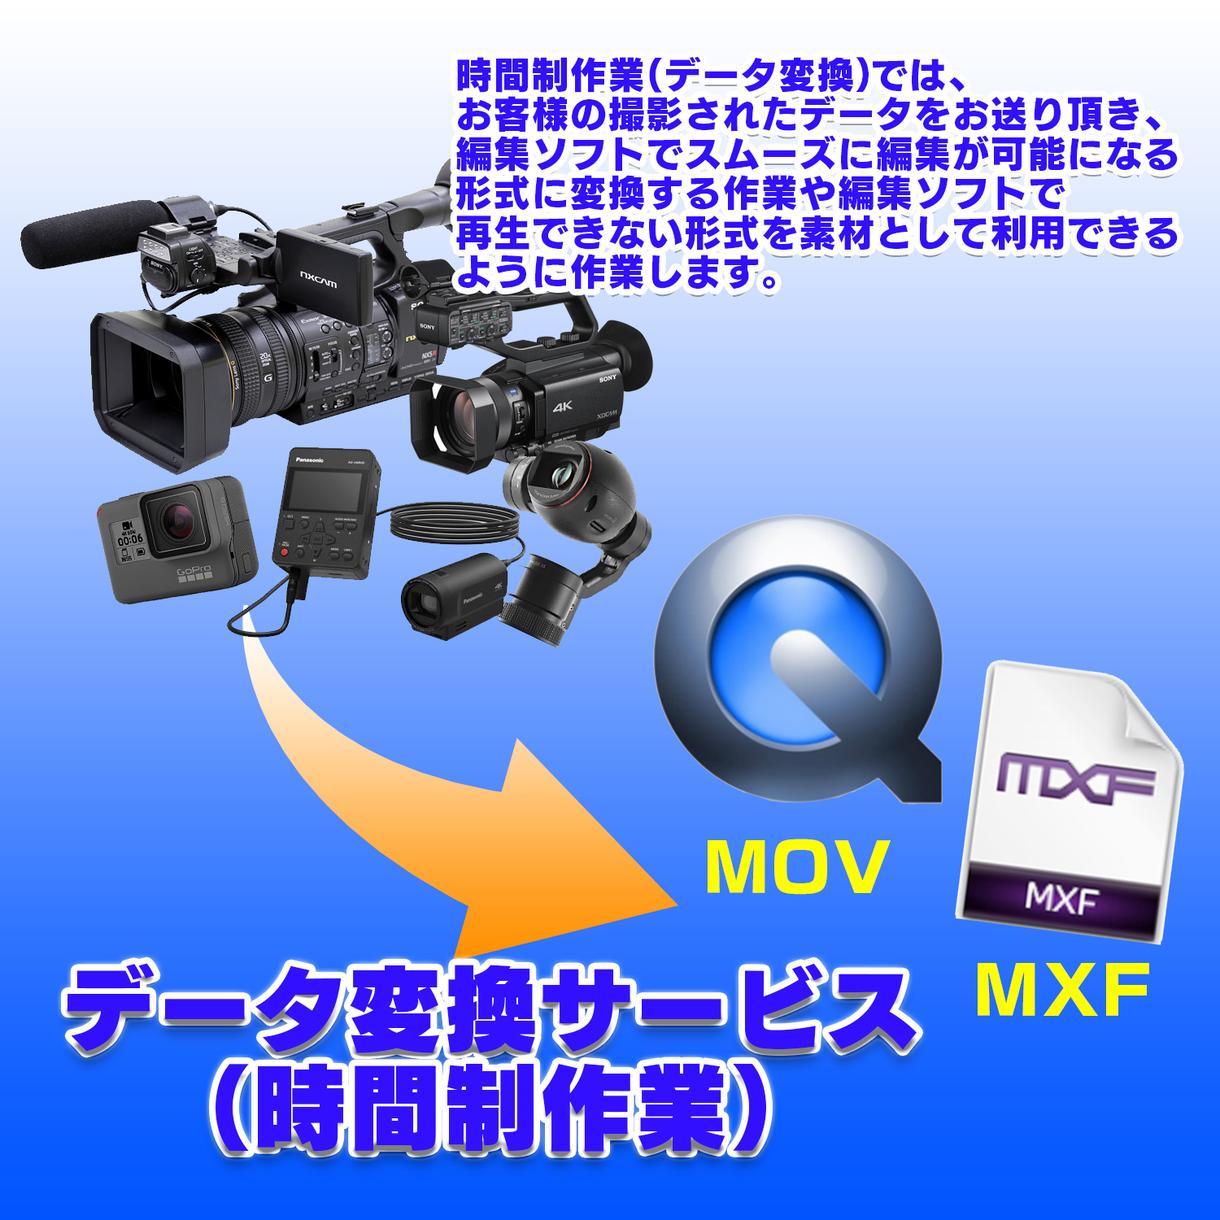 映像データの変換します お客様の撮影されたデータなどをご希望の形式に変換します!!